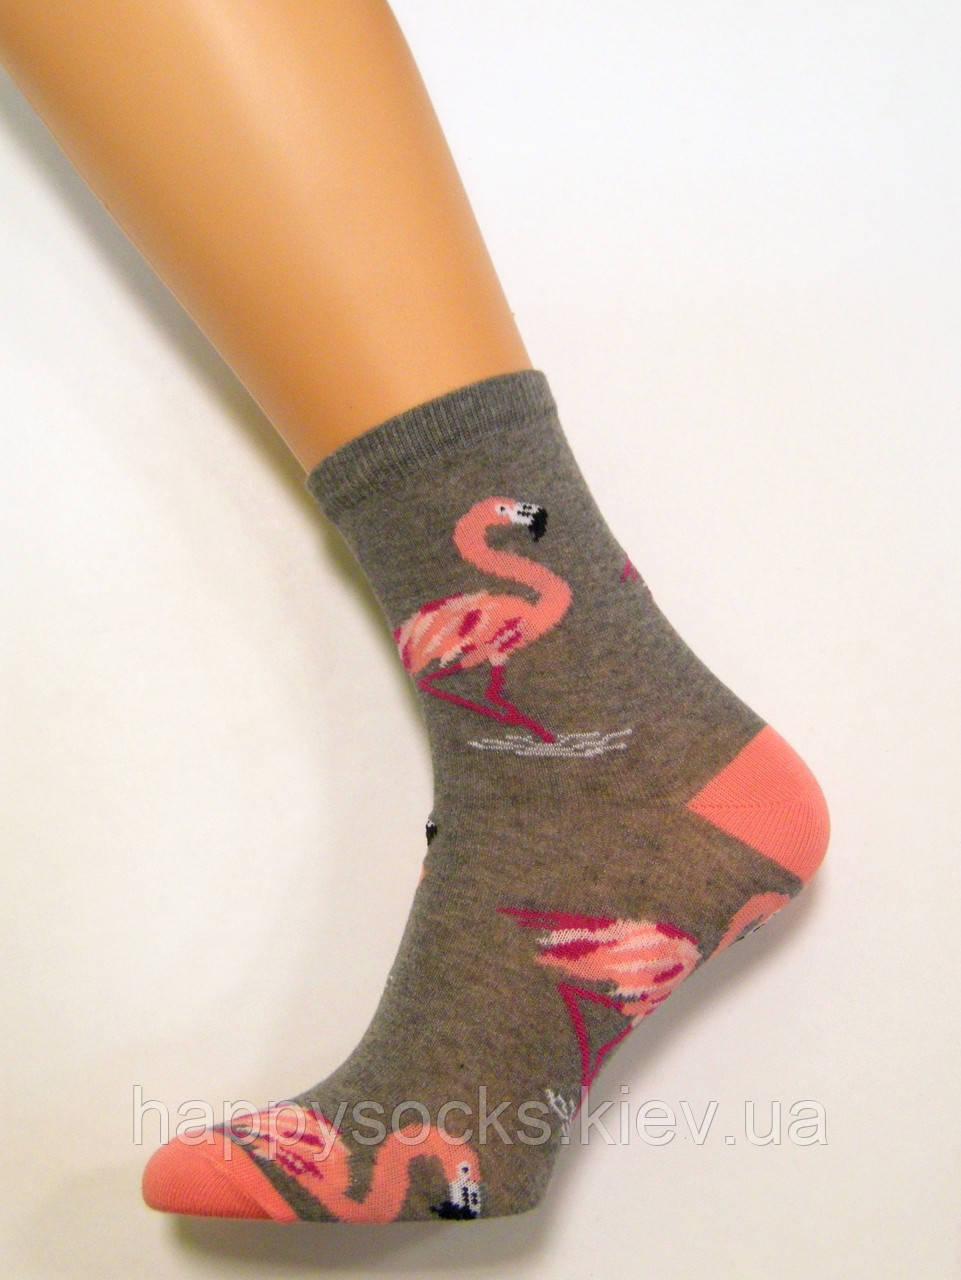 Шкарпетки жіночі бавовняні з яскравими фламінго